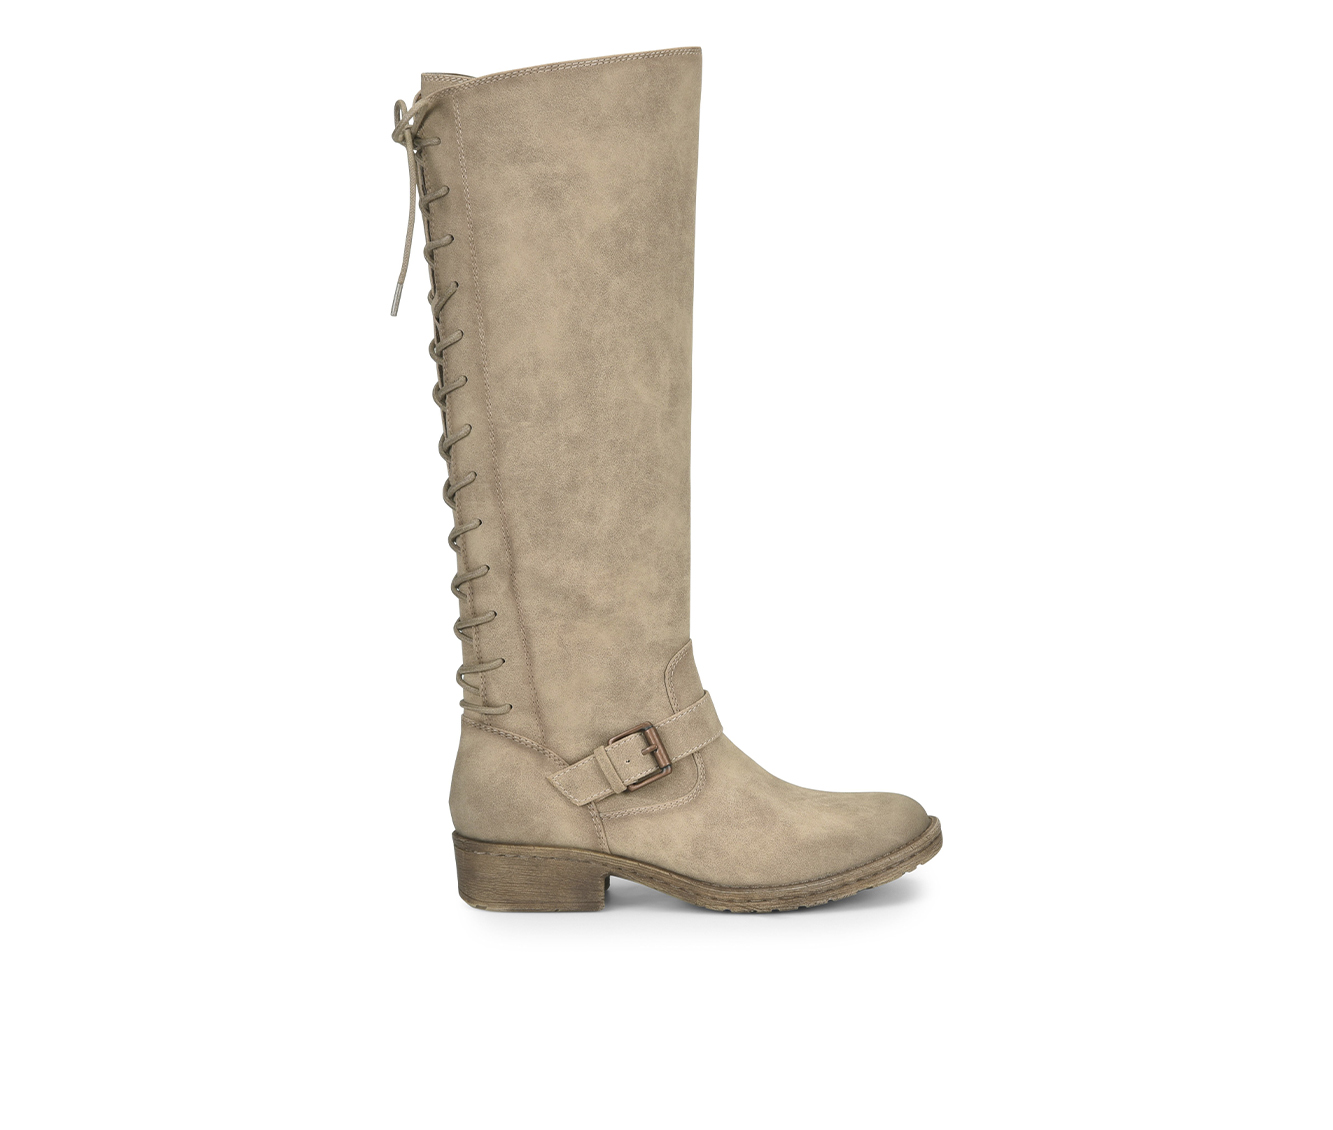 EuroSoft Selden Women's Boot (Beige Faux Leather)